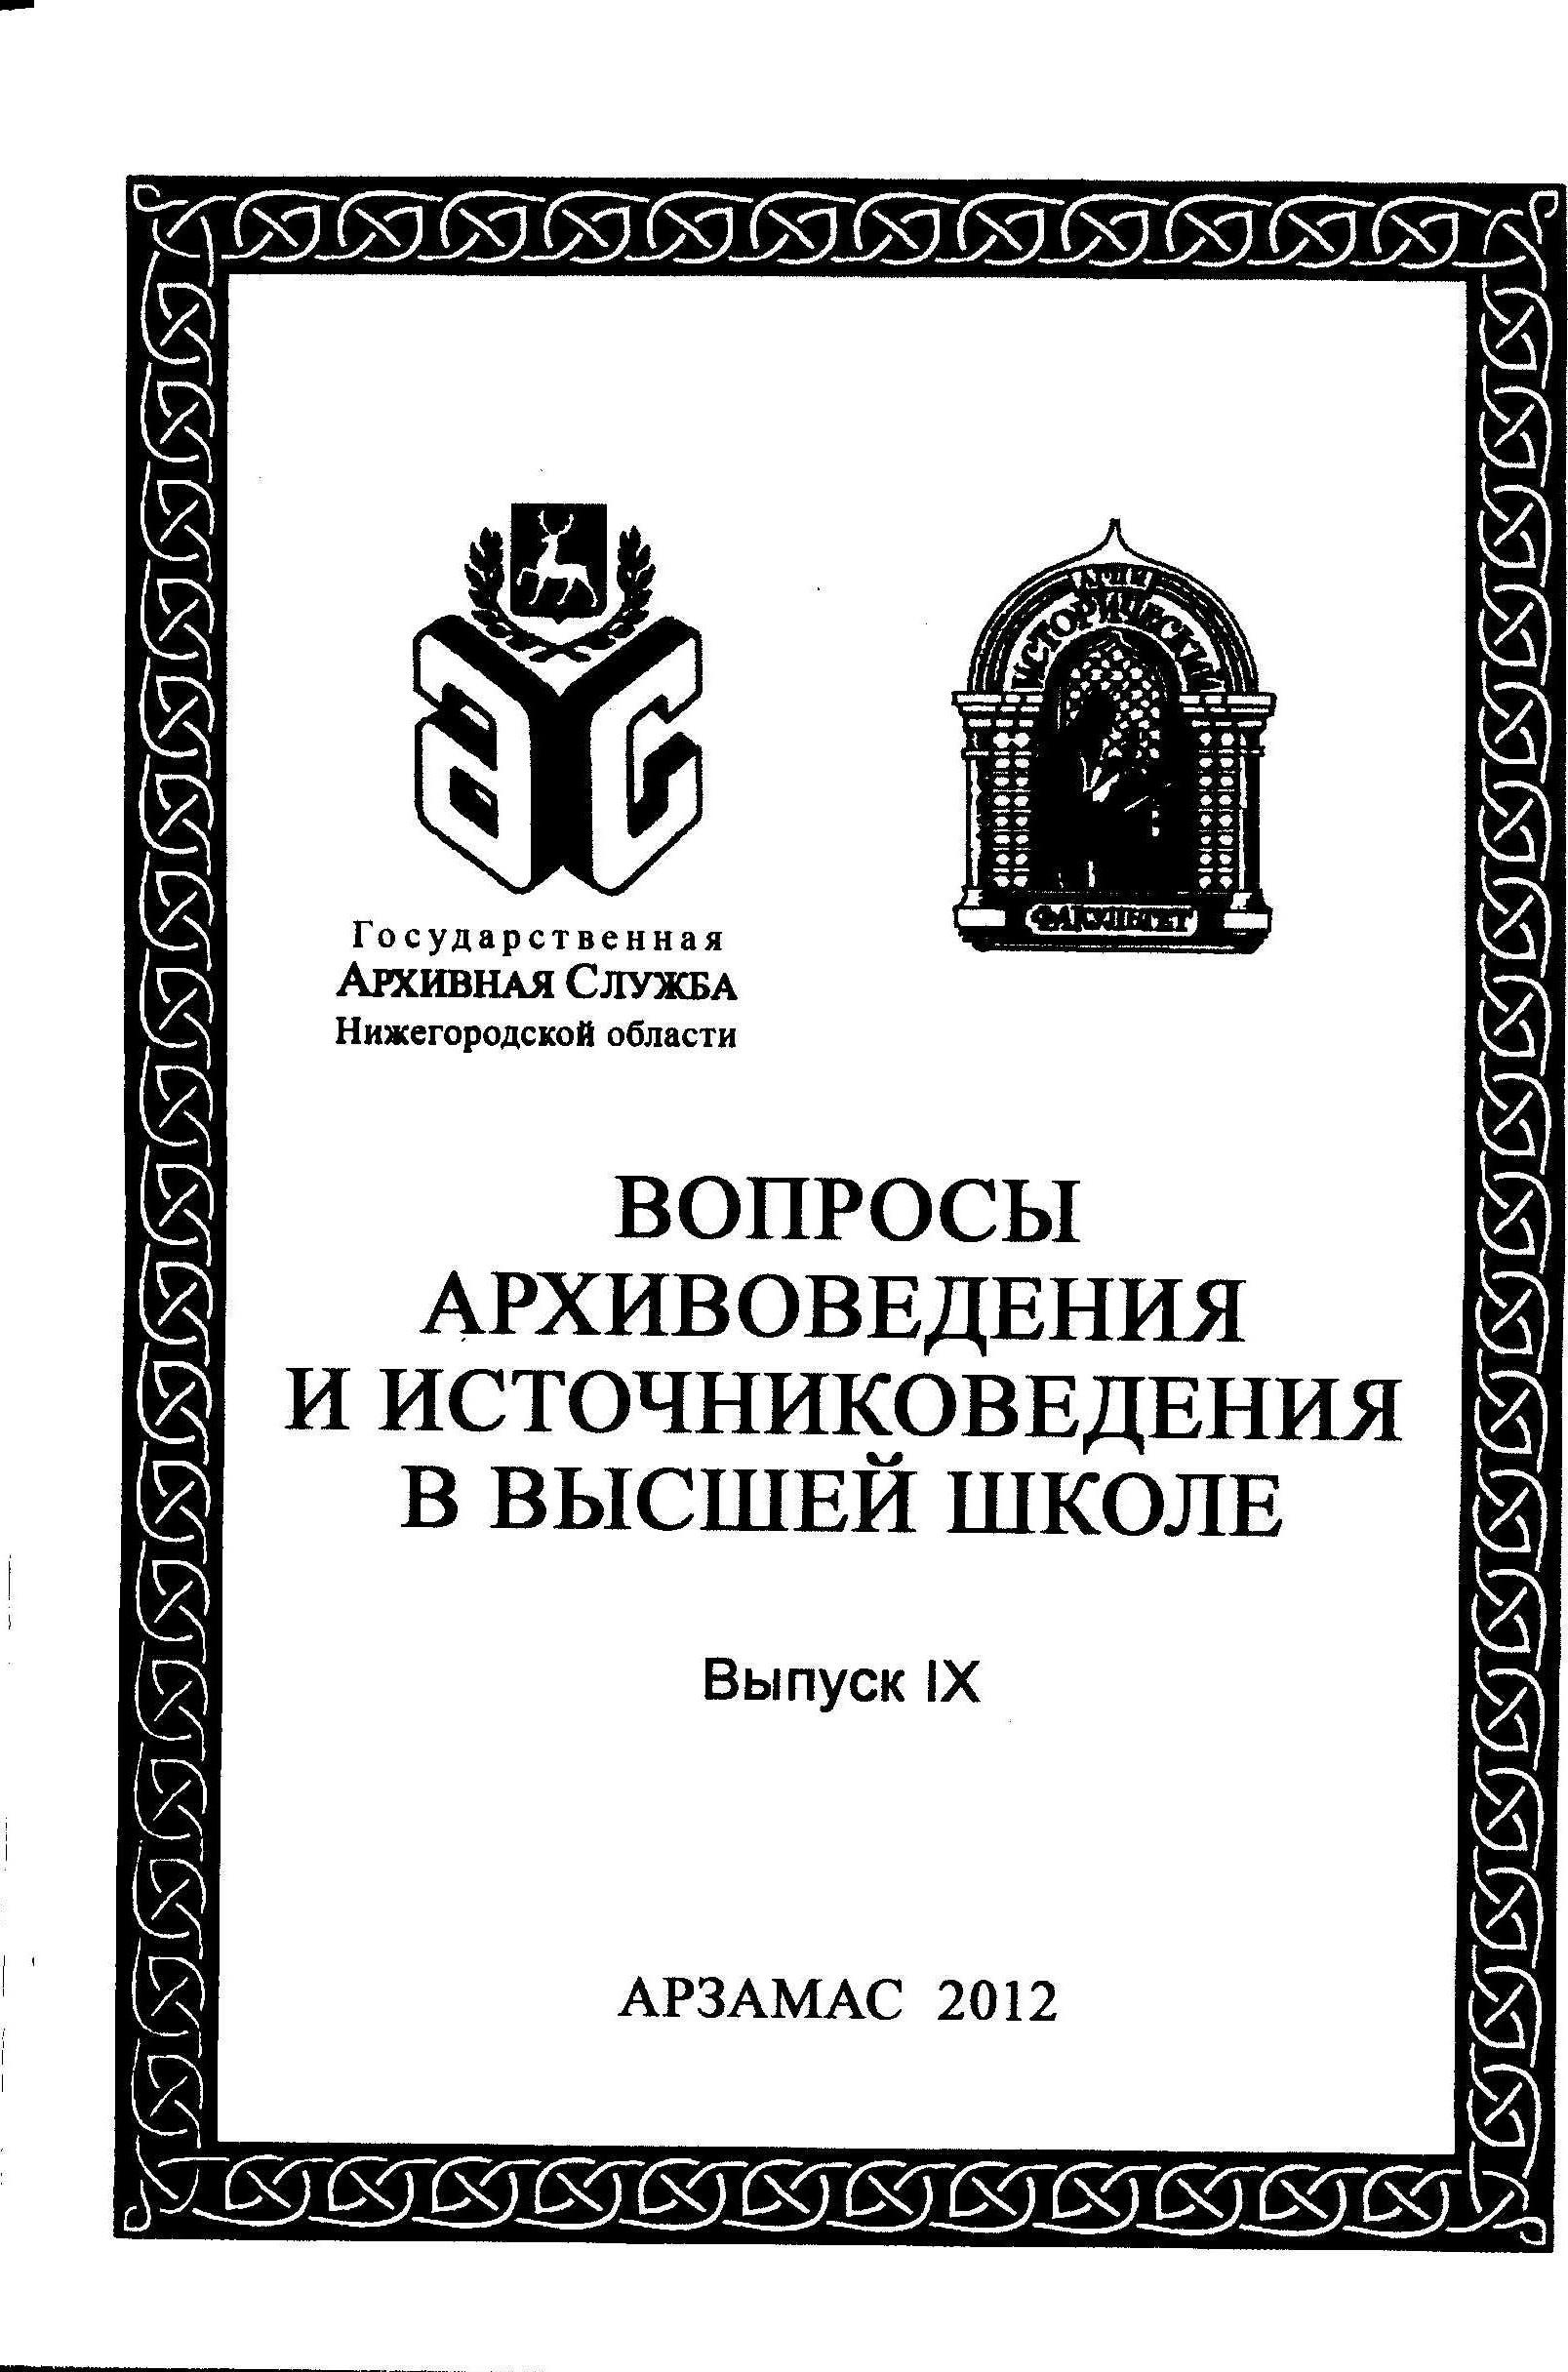 Архимандрития в Нижнем Новгороде в XIV веке